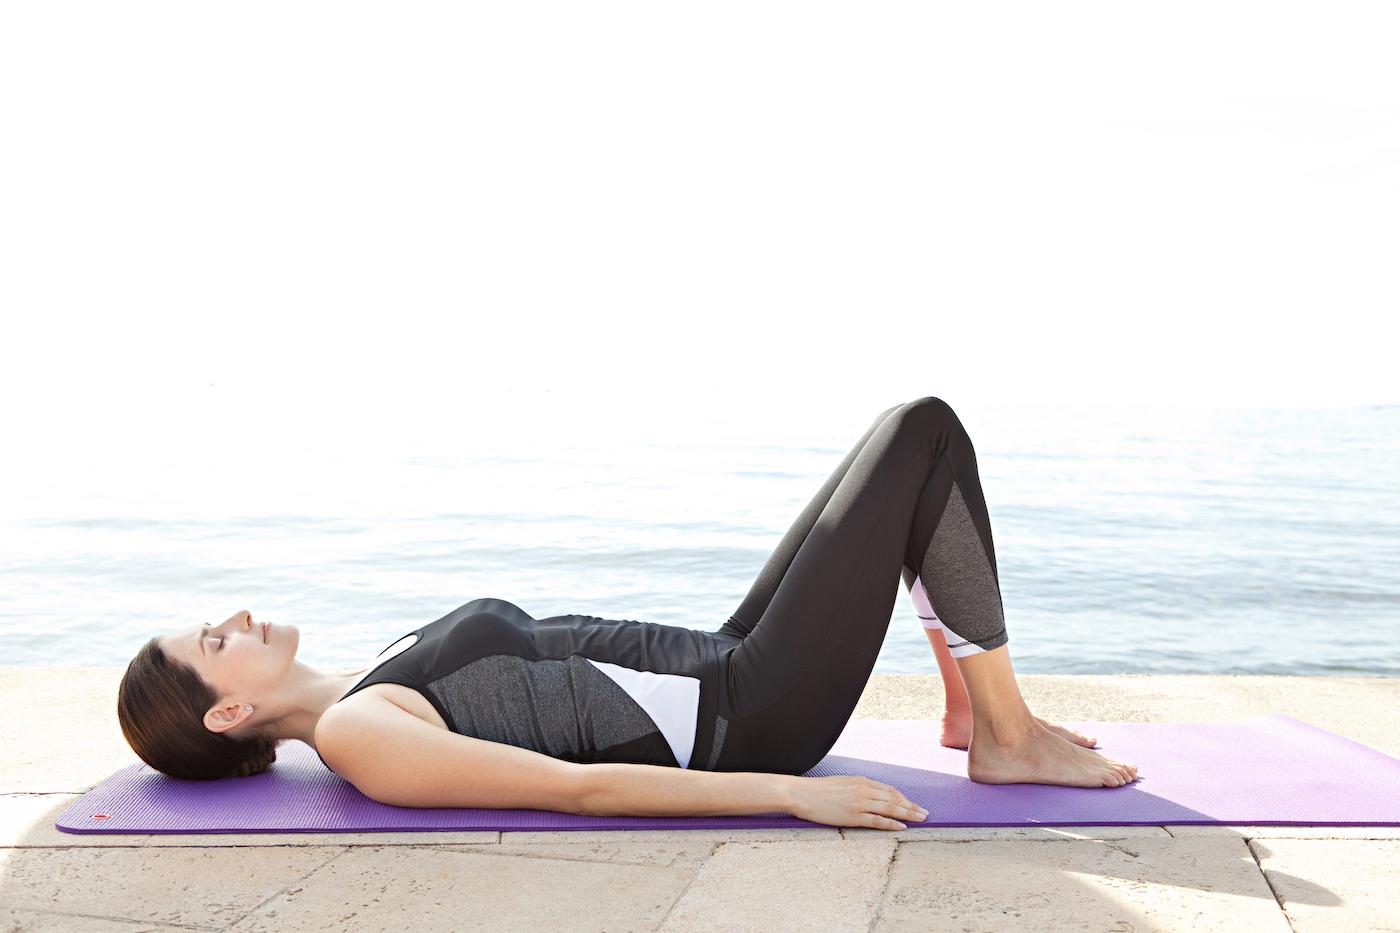 ドローインのやり方とポイントを紹介!呼吸をするだけで鍛えられる体幹トレーニング